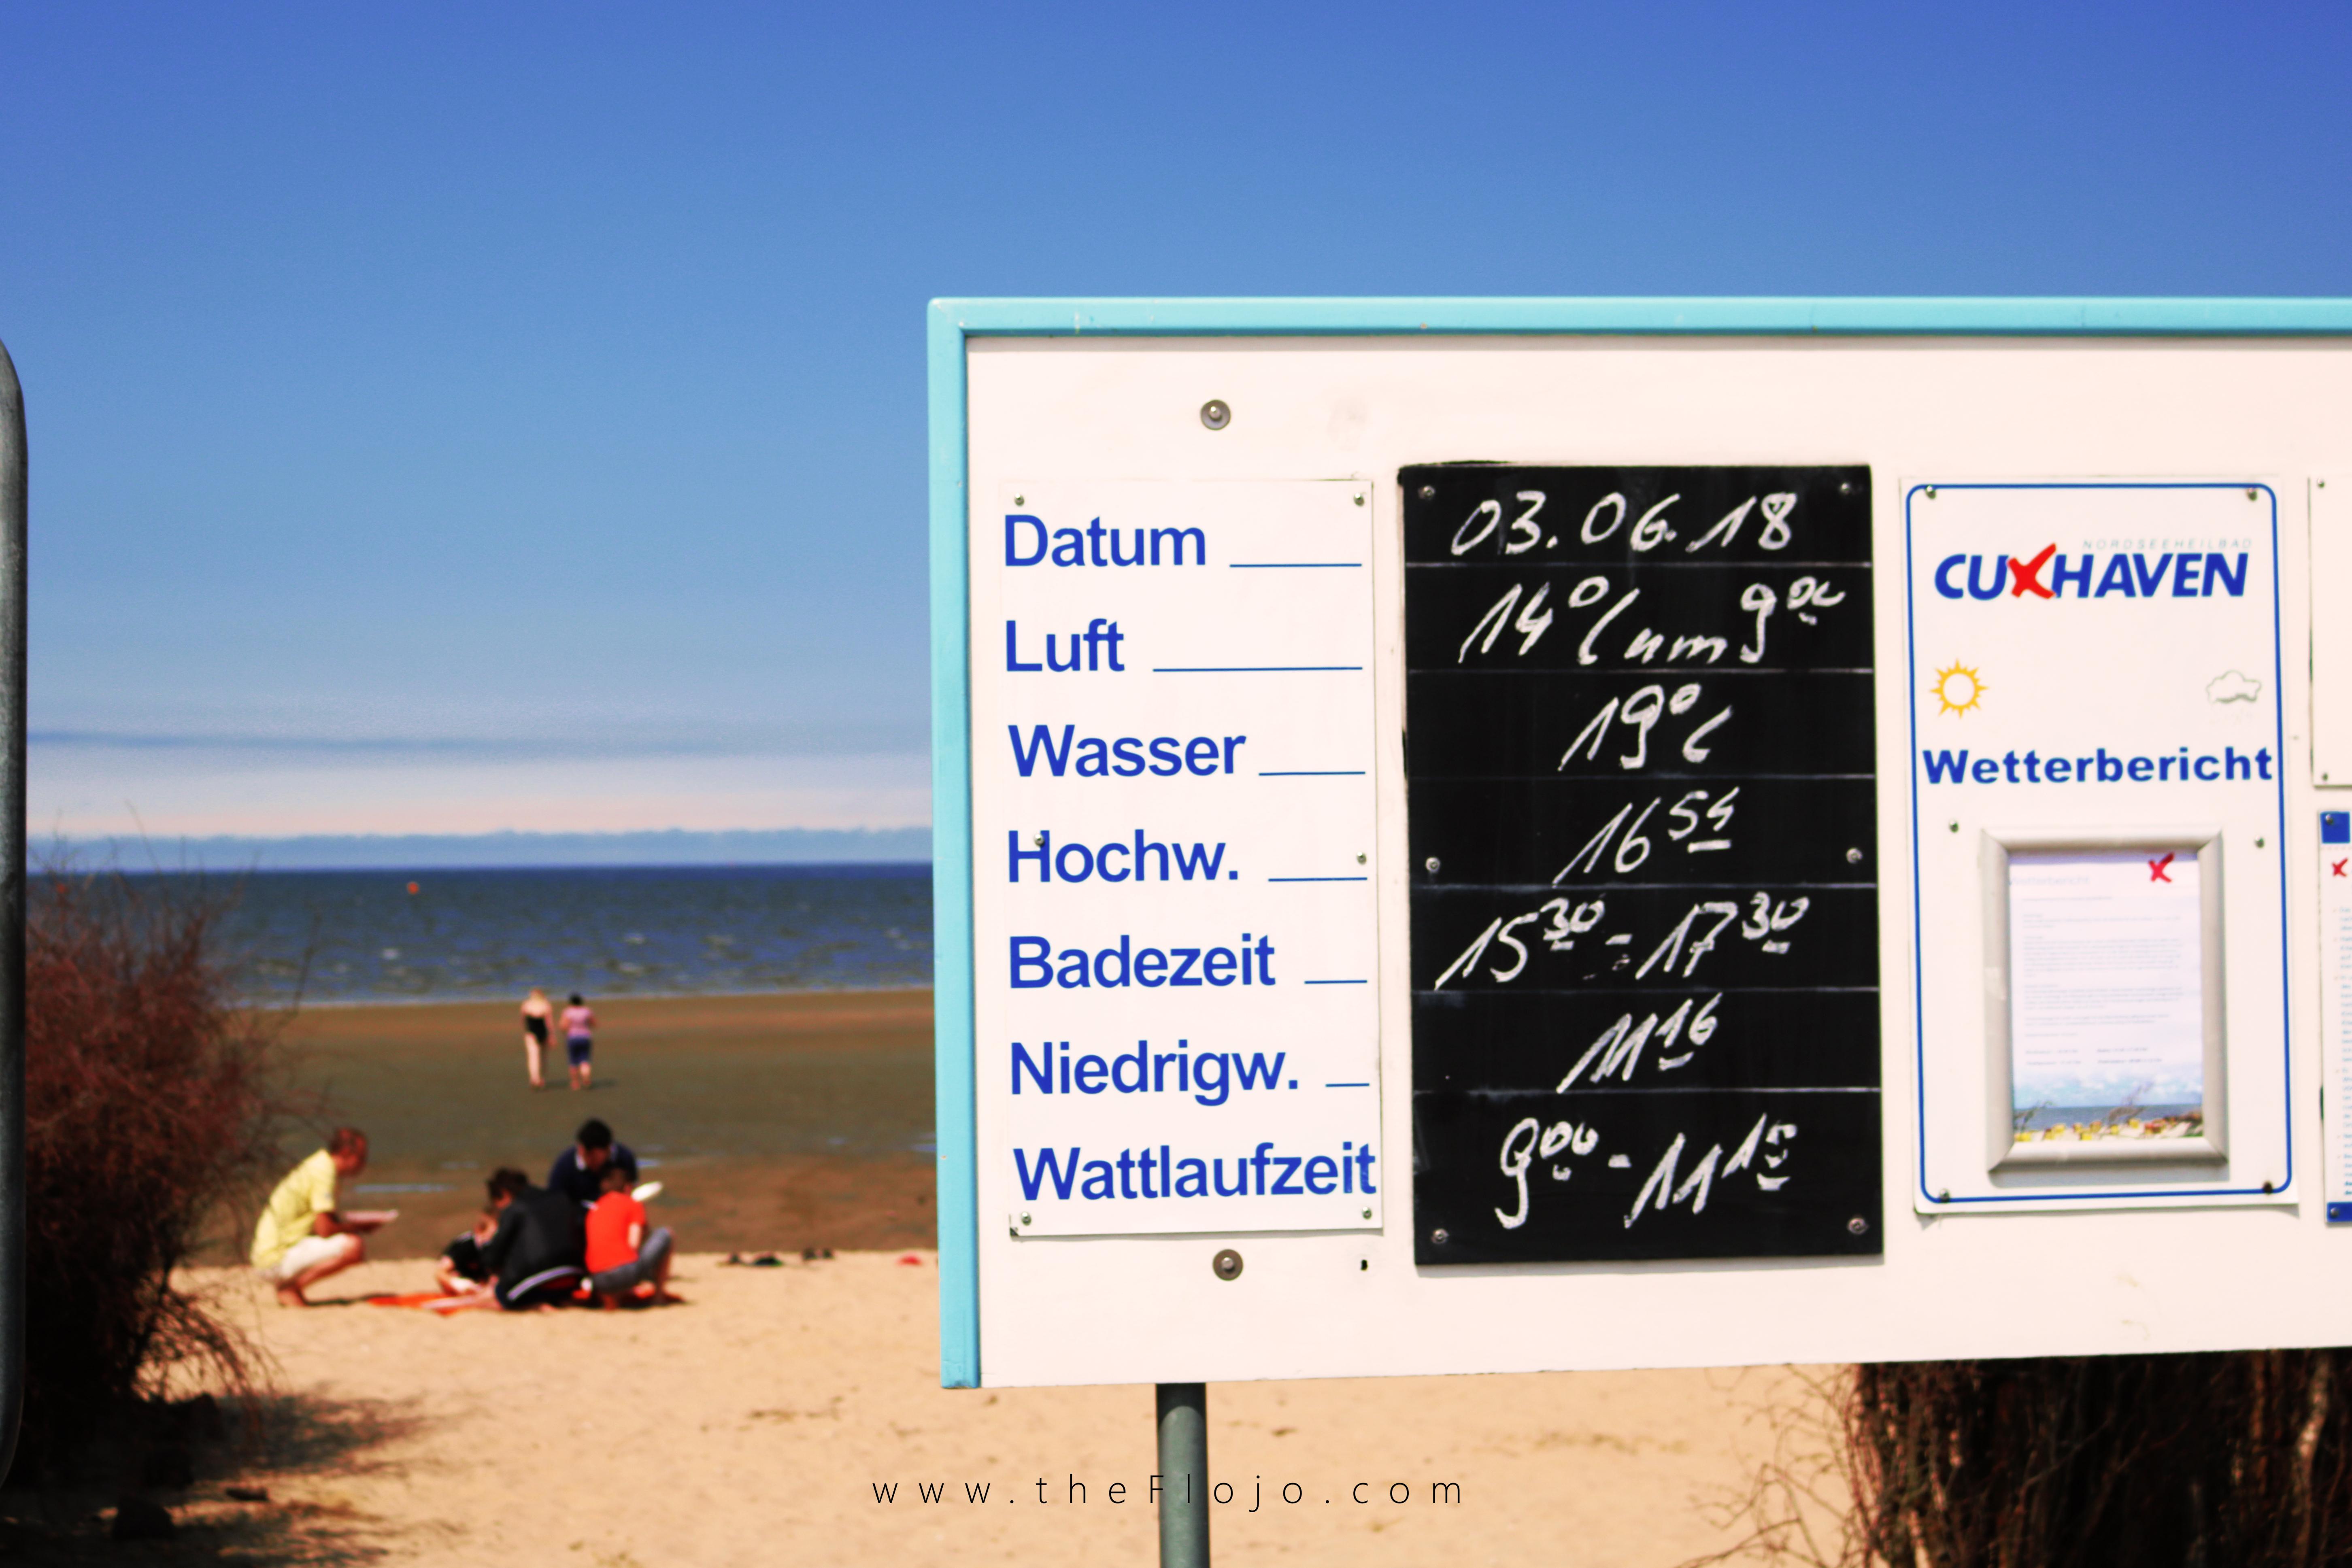 Tagesausflug nach Cuxhaven